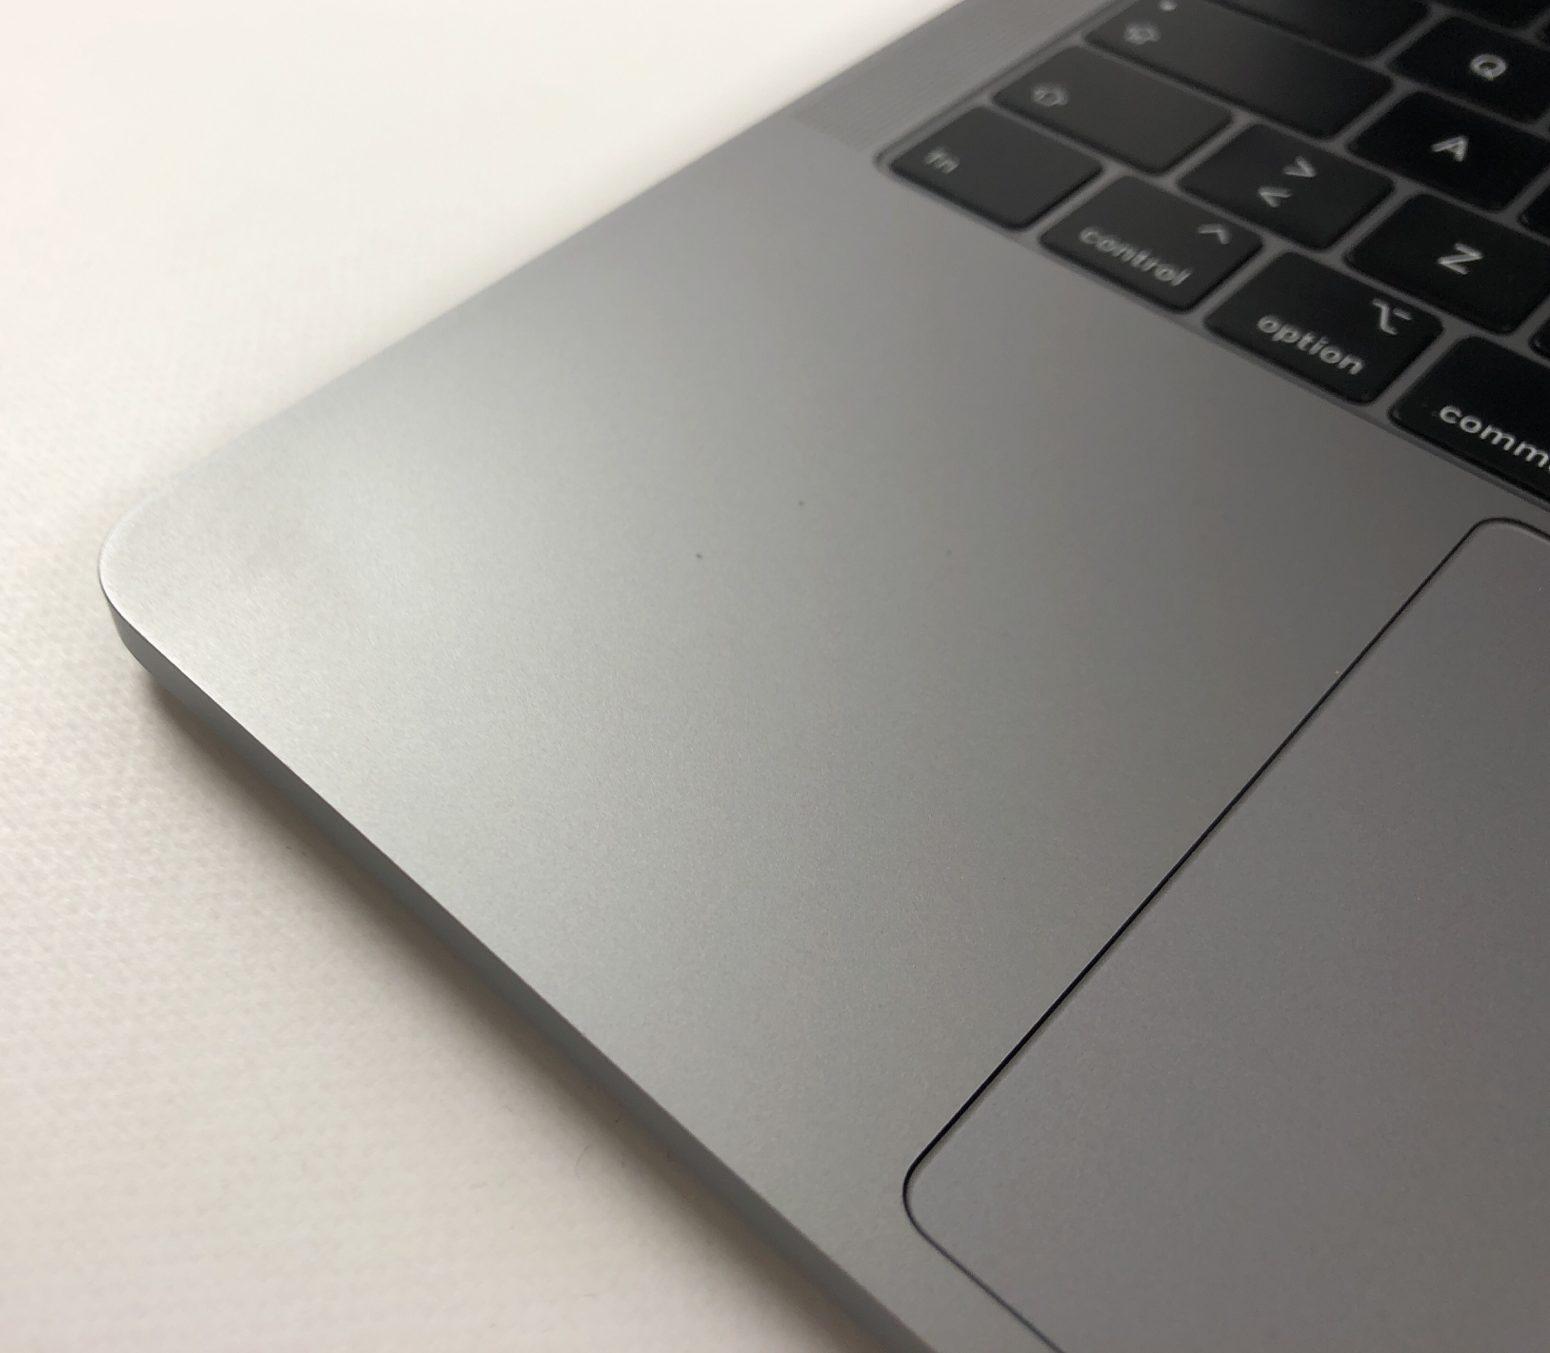 """MacBook Pro 13"""" 4TBT Mid 2018 (Intel Quad-Core i5 2.3 GHz 16 GB RAM 256 GB SSD), Space Gray, Intel Quad-Core i5 2.3 GHz, 16 GB RAM, 256 GB SSD, bild 3"""